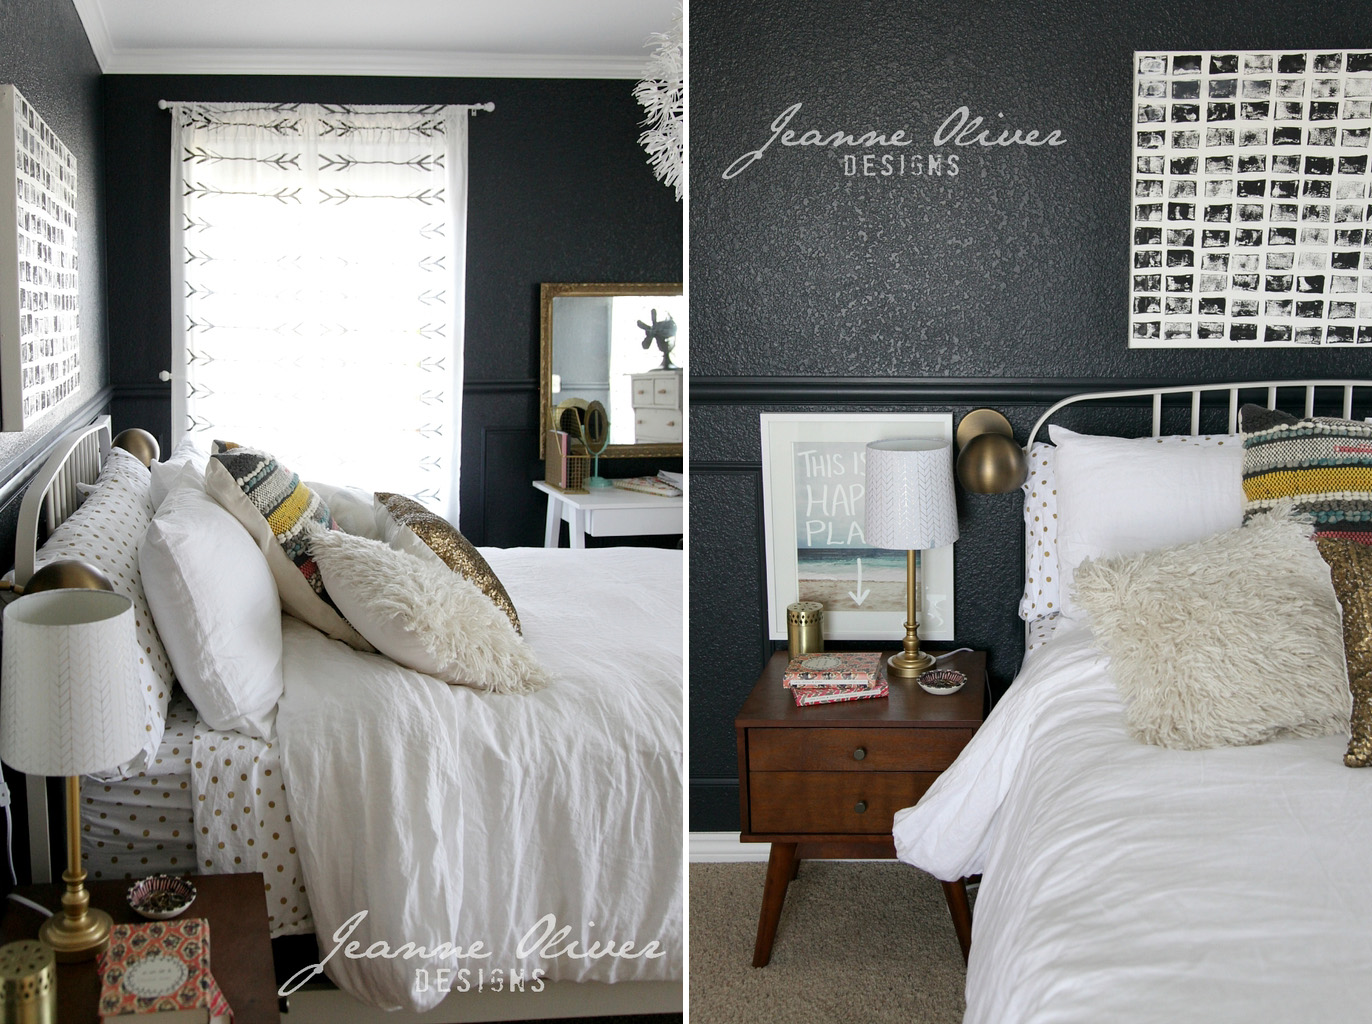 Idee per la camera di una ragazza shabby chic interiors for Idee camera tumblr